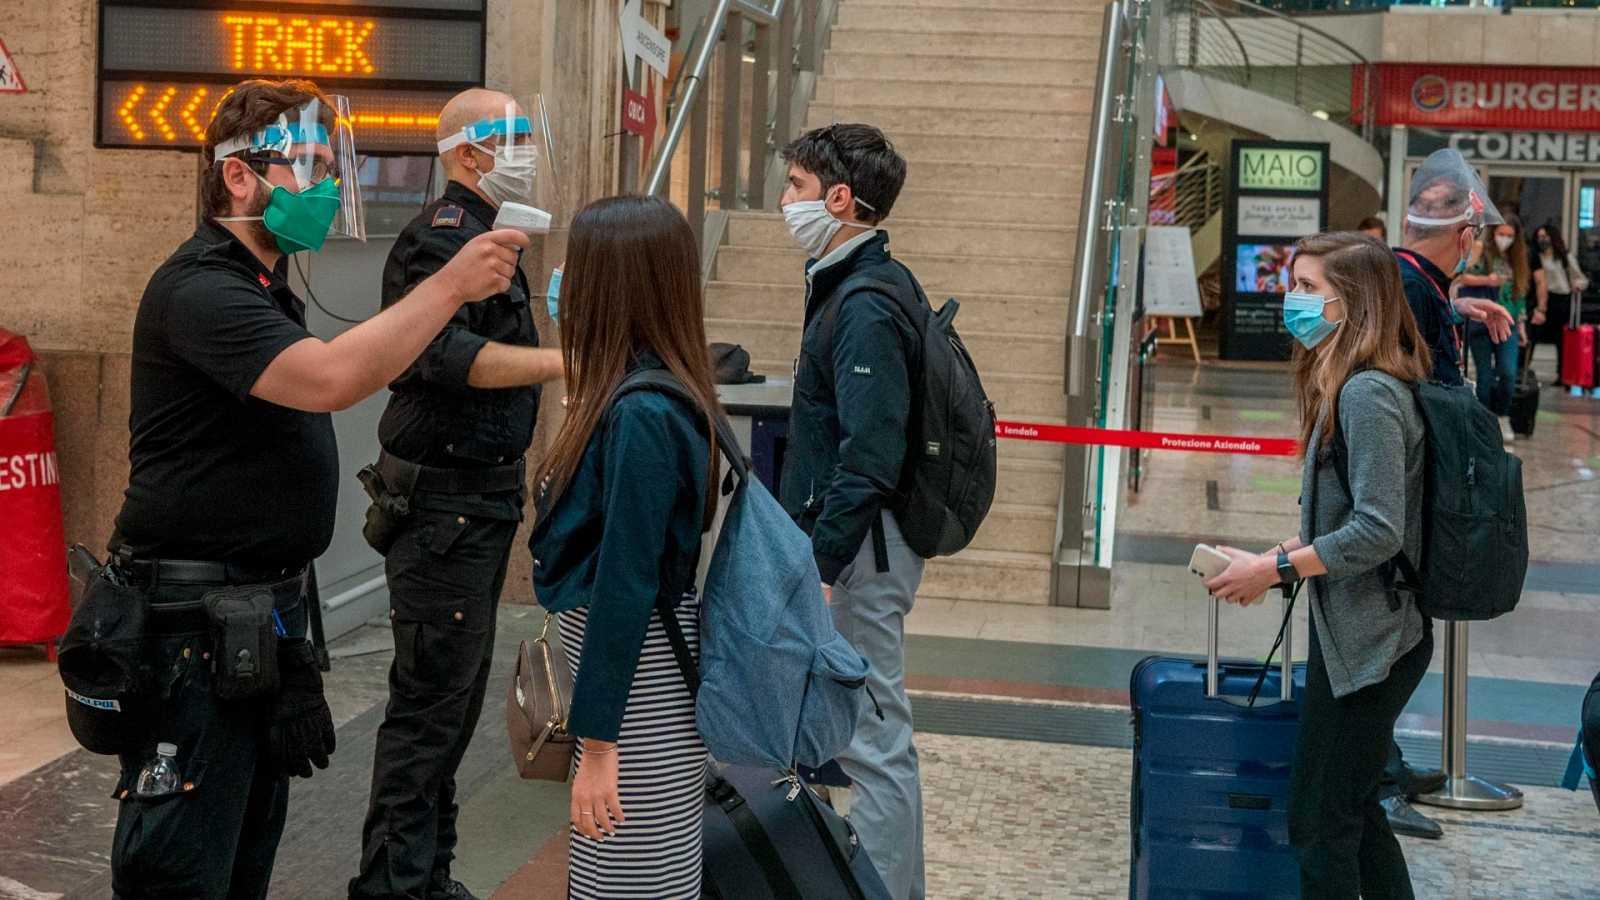 La Comisión Europea ha pedido a los estados que levanten las restricciones fronterizas a finales de mes